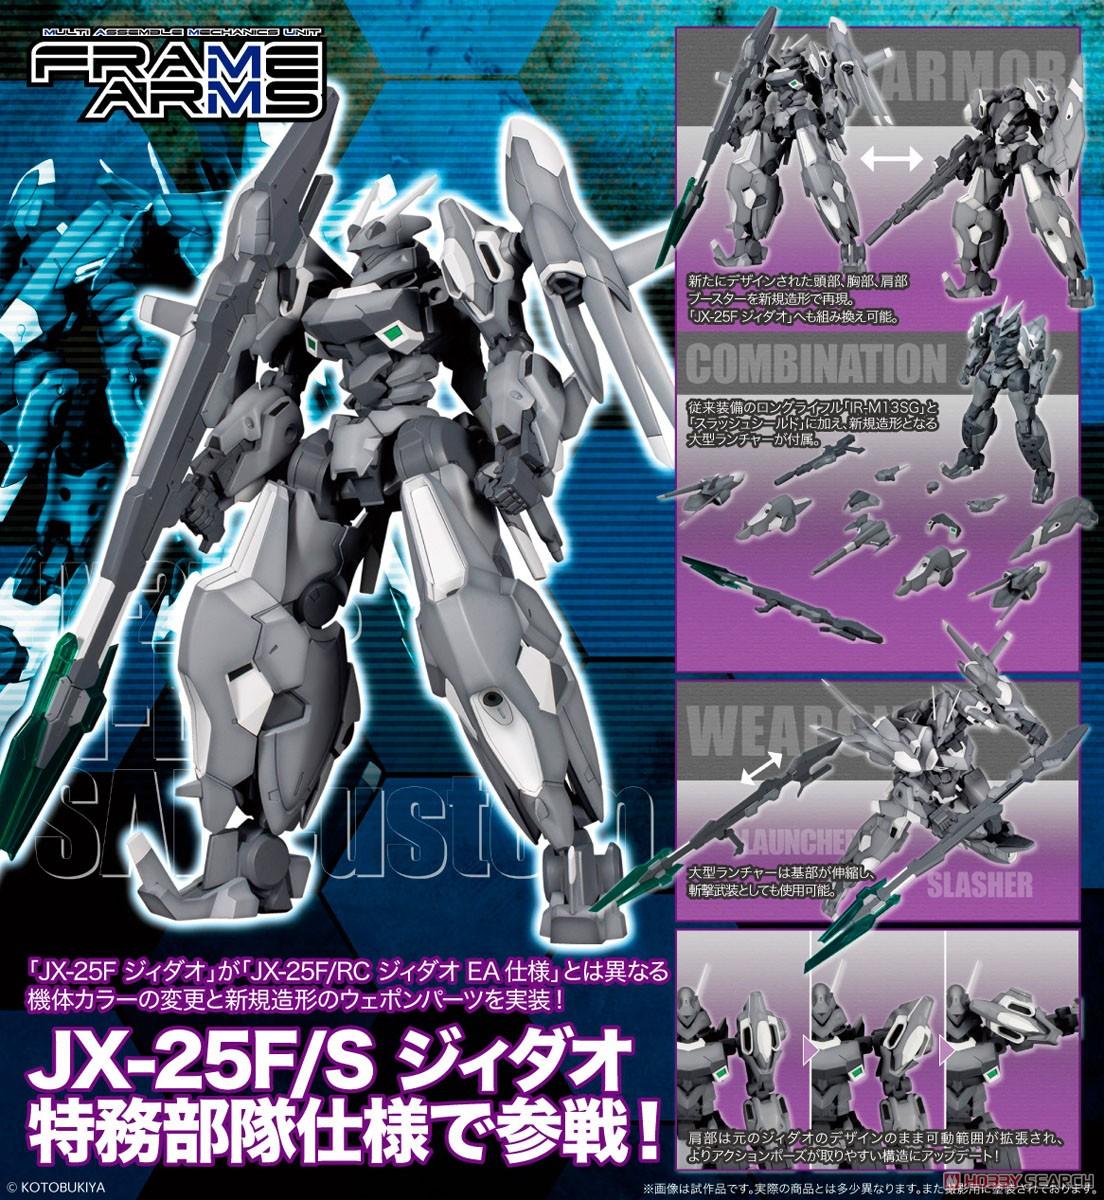 フレームアームズ『JX-25F/S ジィダオ特務部隊仕様』1/100 プラモデル-011